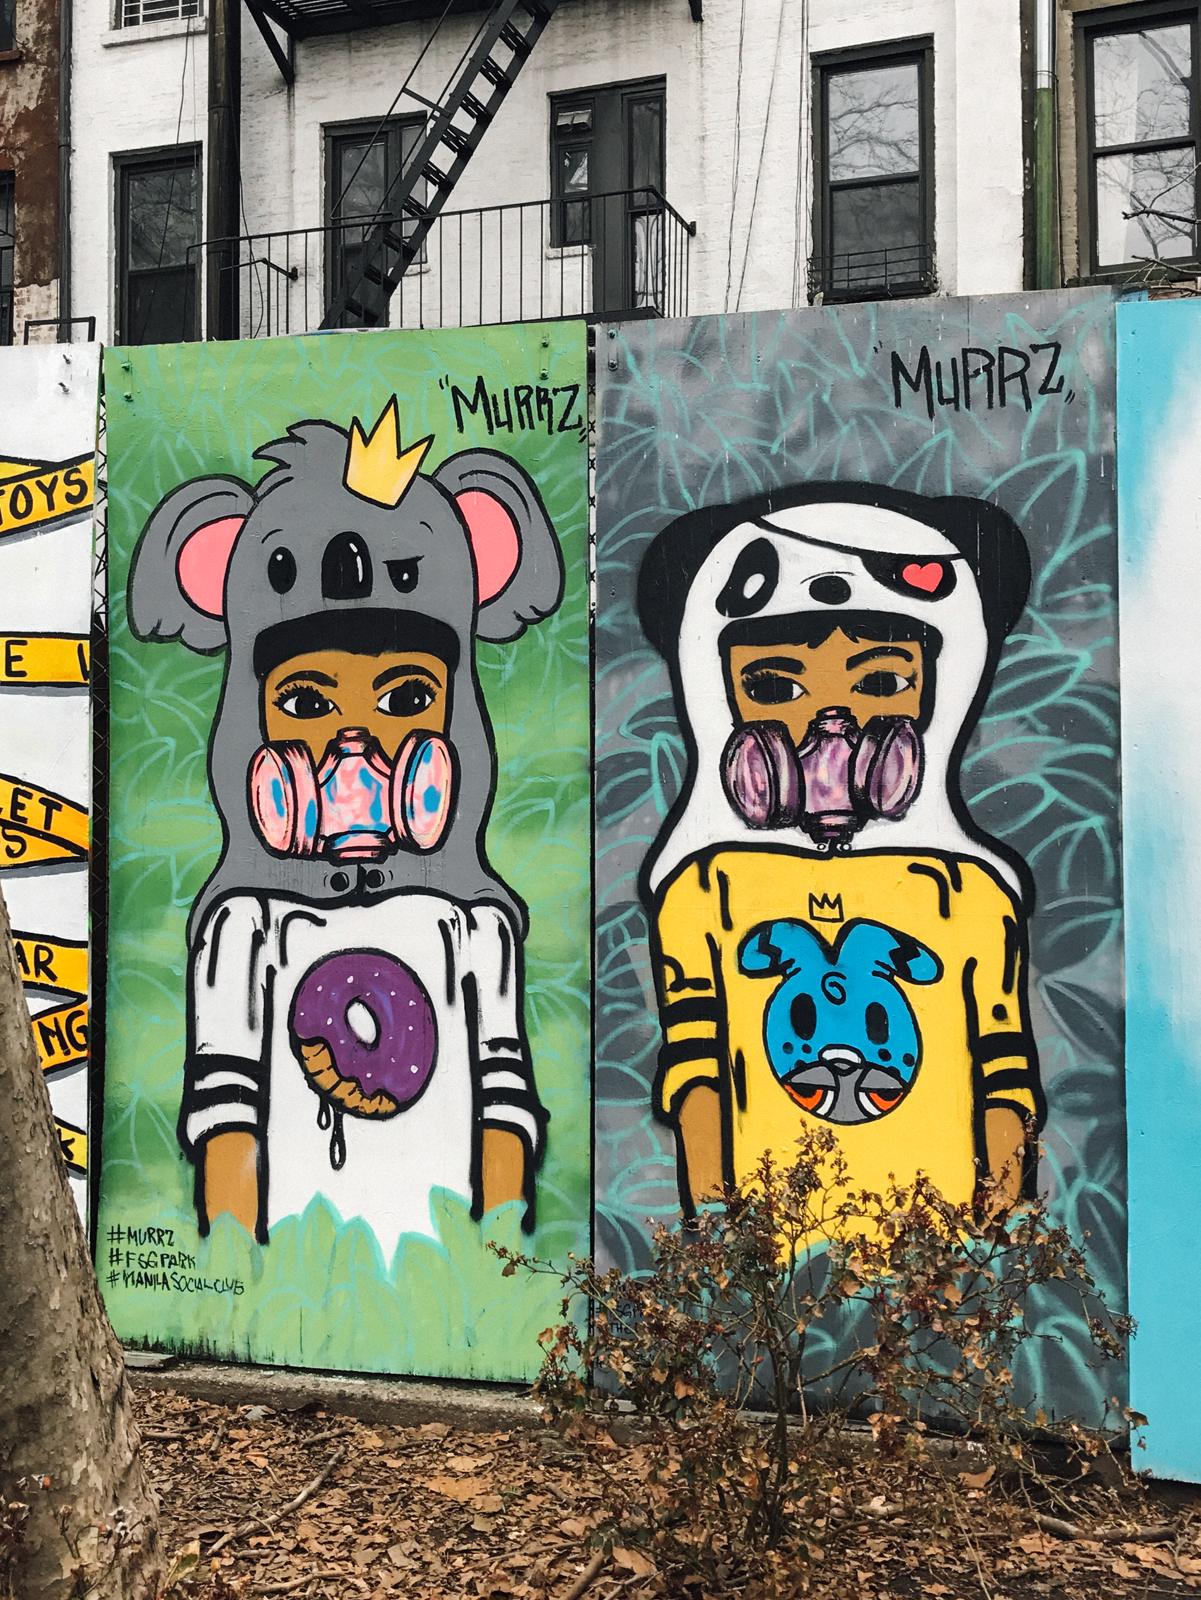 Murrz     |   First Street Green Art Park